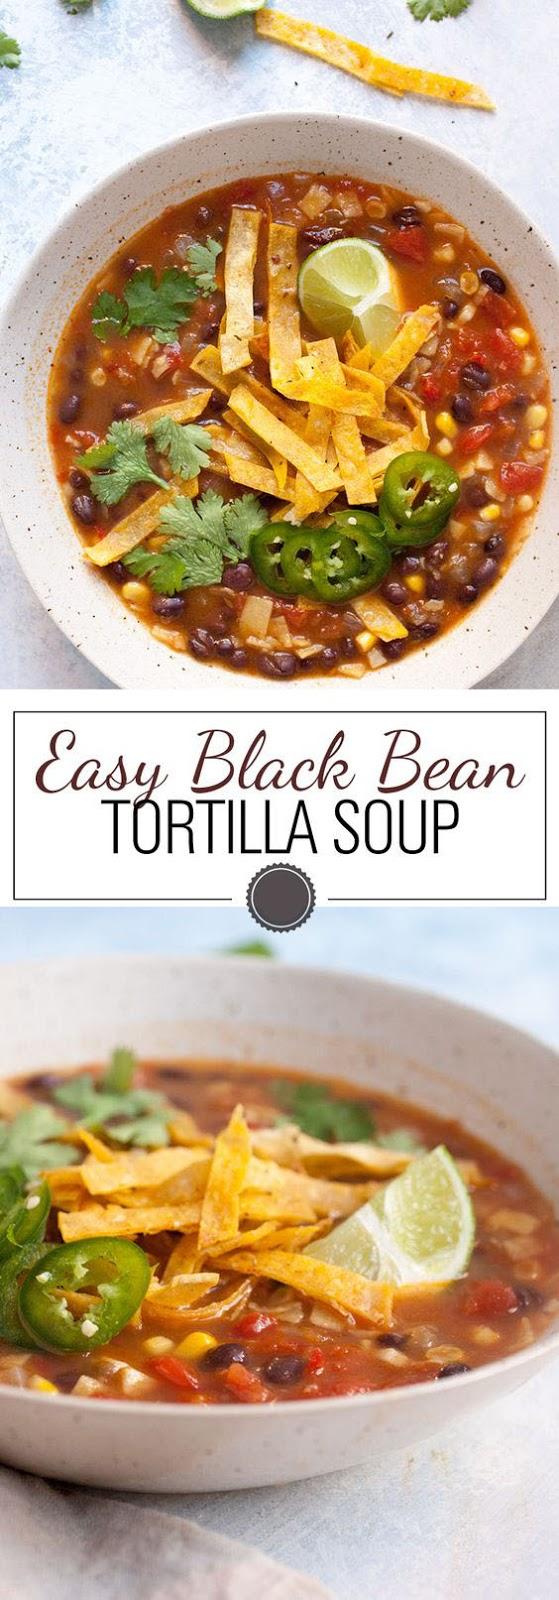 Easy Black Bean Tortilla Soup